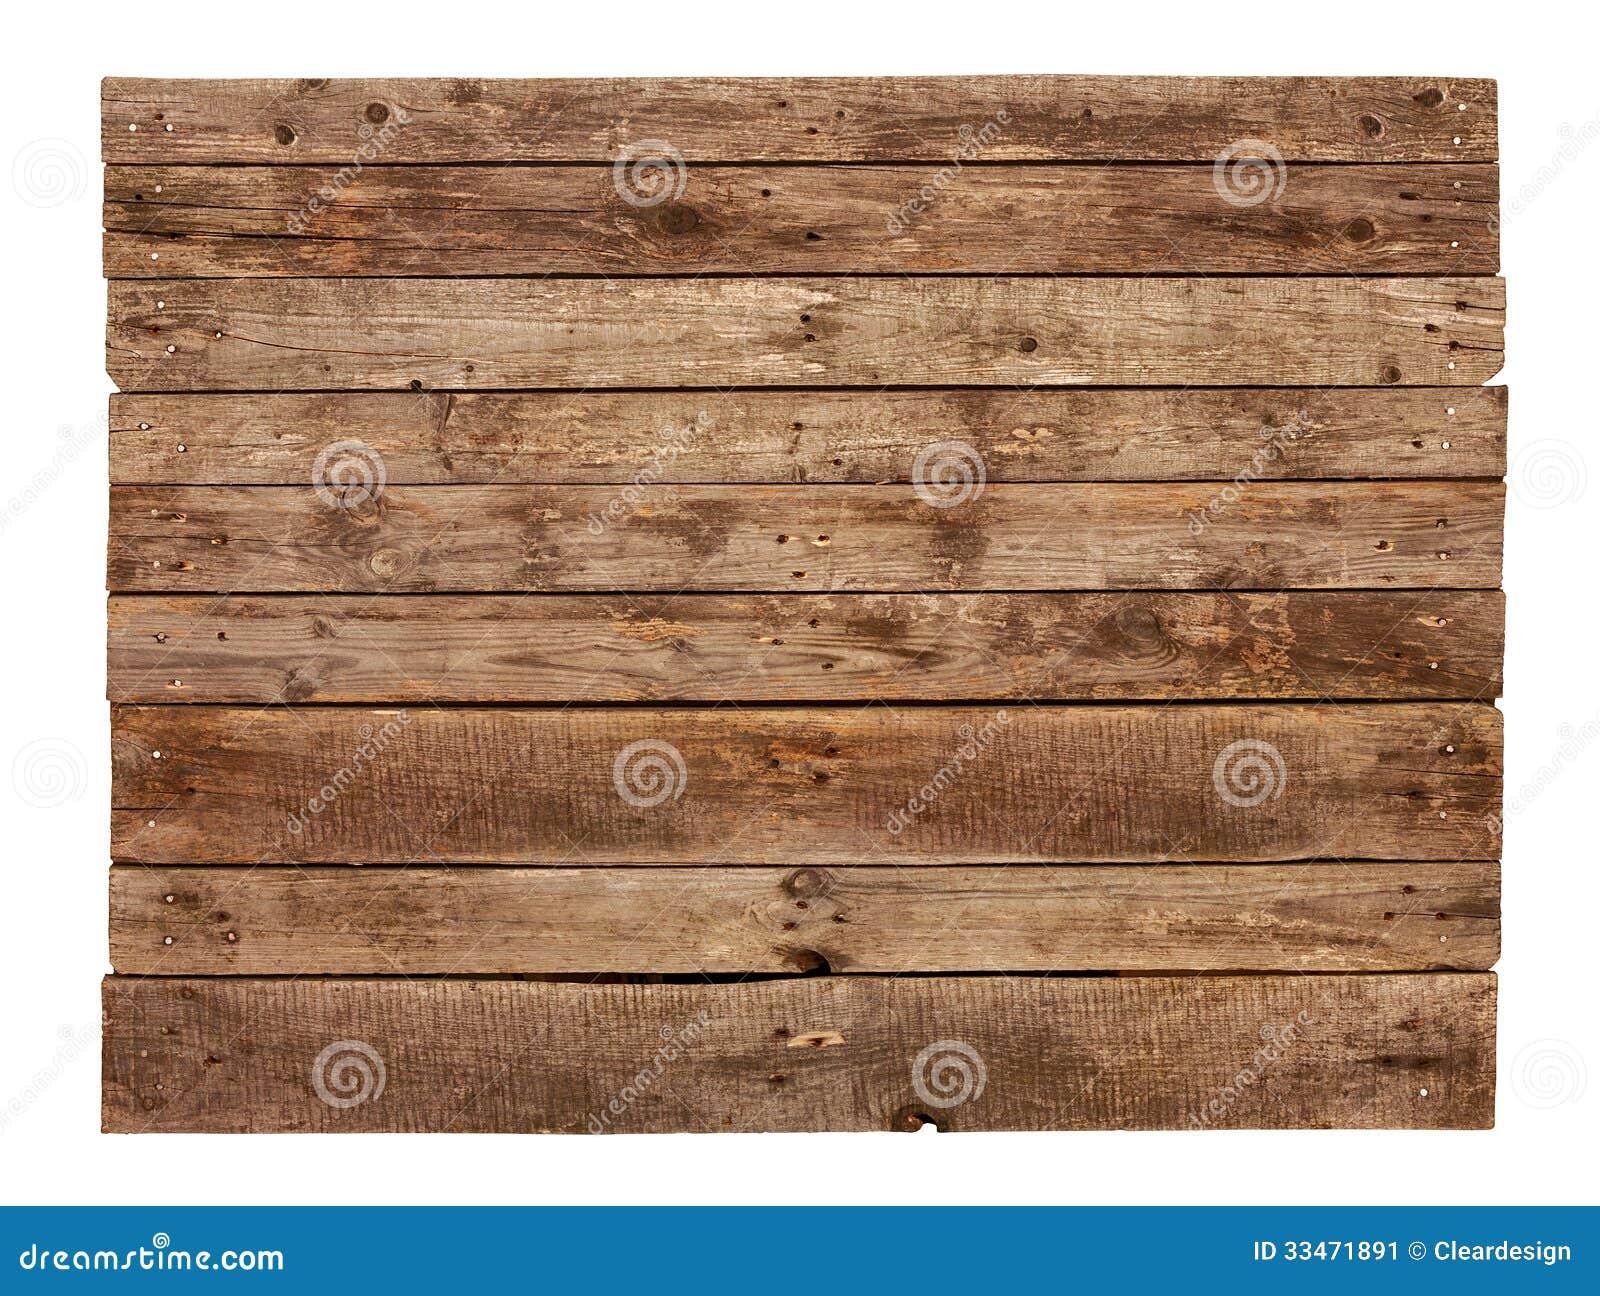 vintage wood plank signs jpg 1080x810